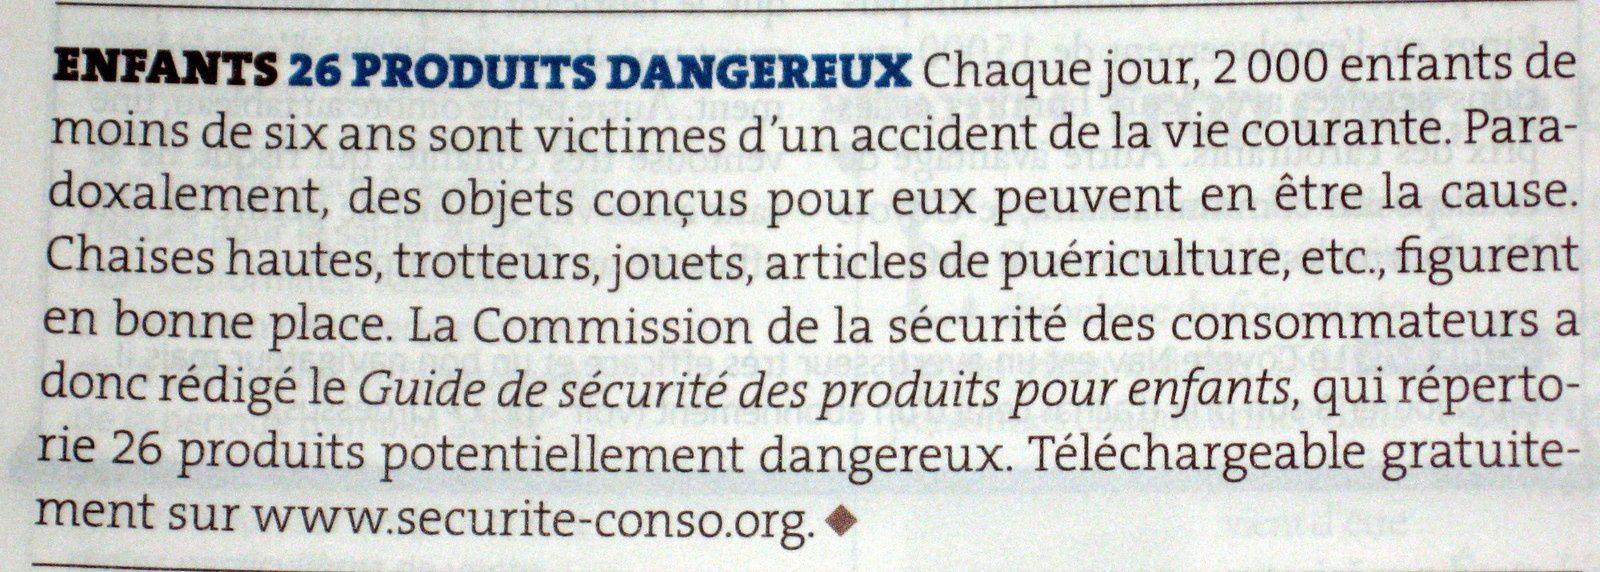 Sécurité - rappel des produits dangereux ... et +